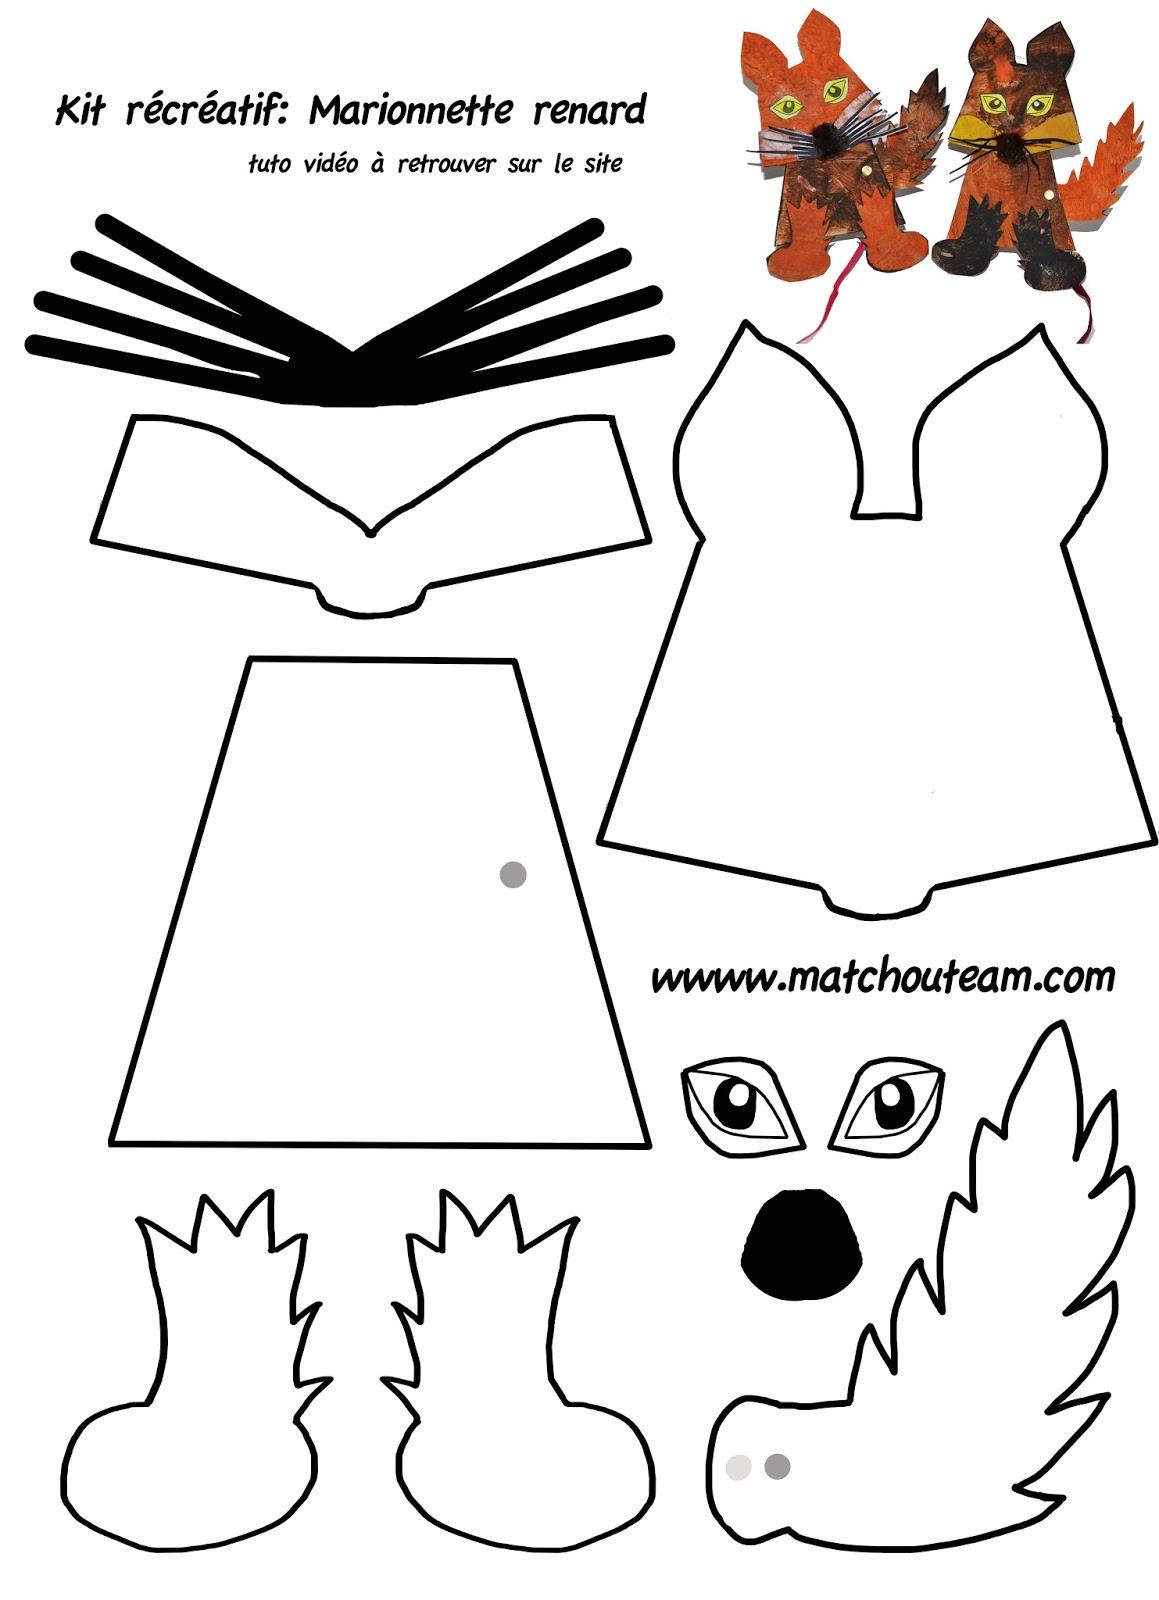 Ma tchou team marionnette renard fabriquer - Fabriquer une marionnette articulee ...